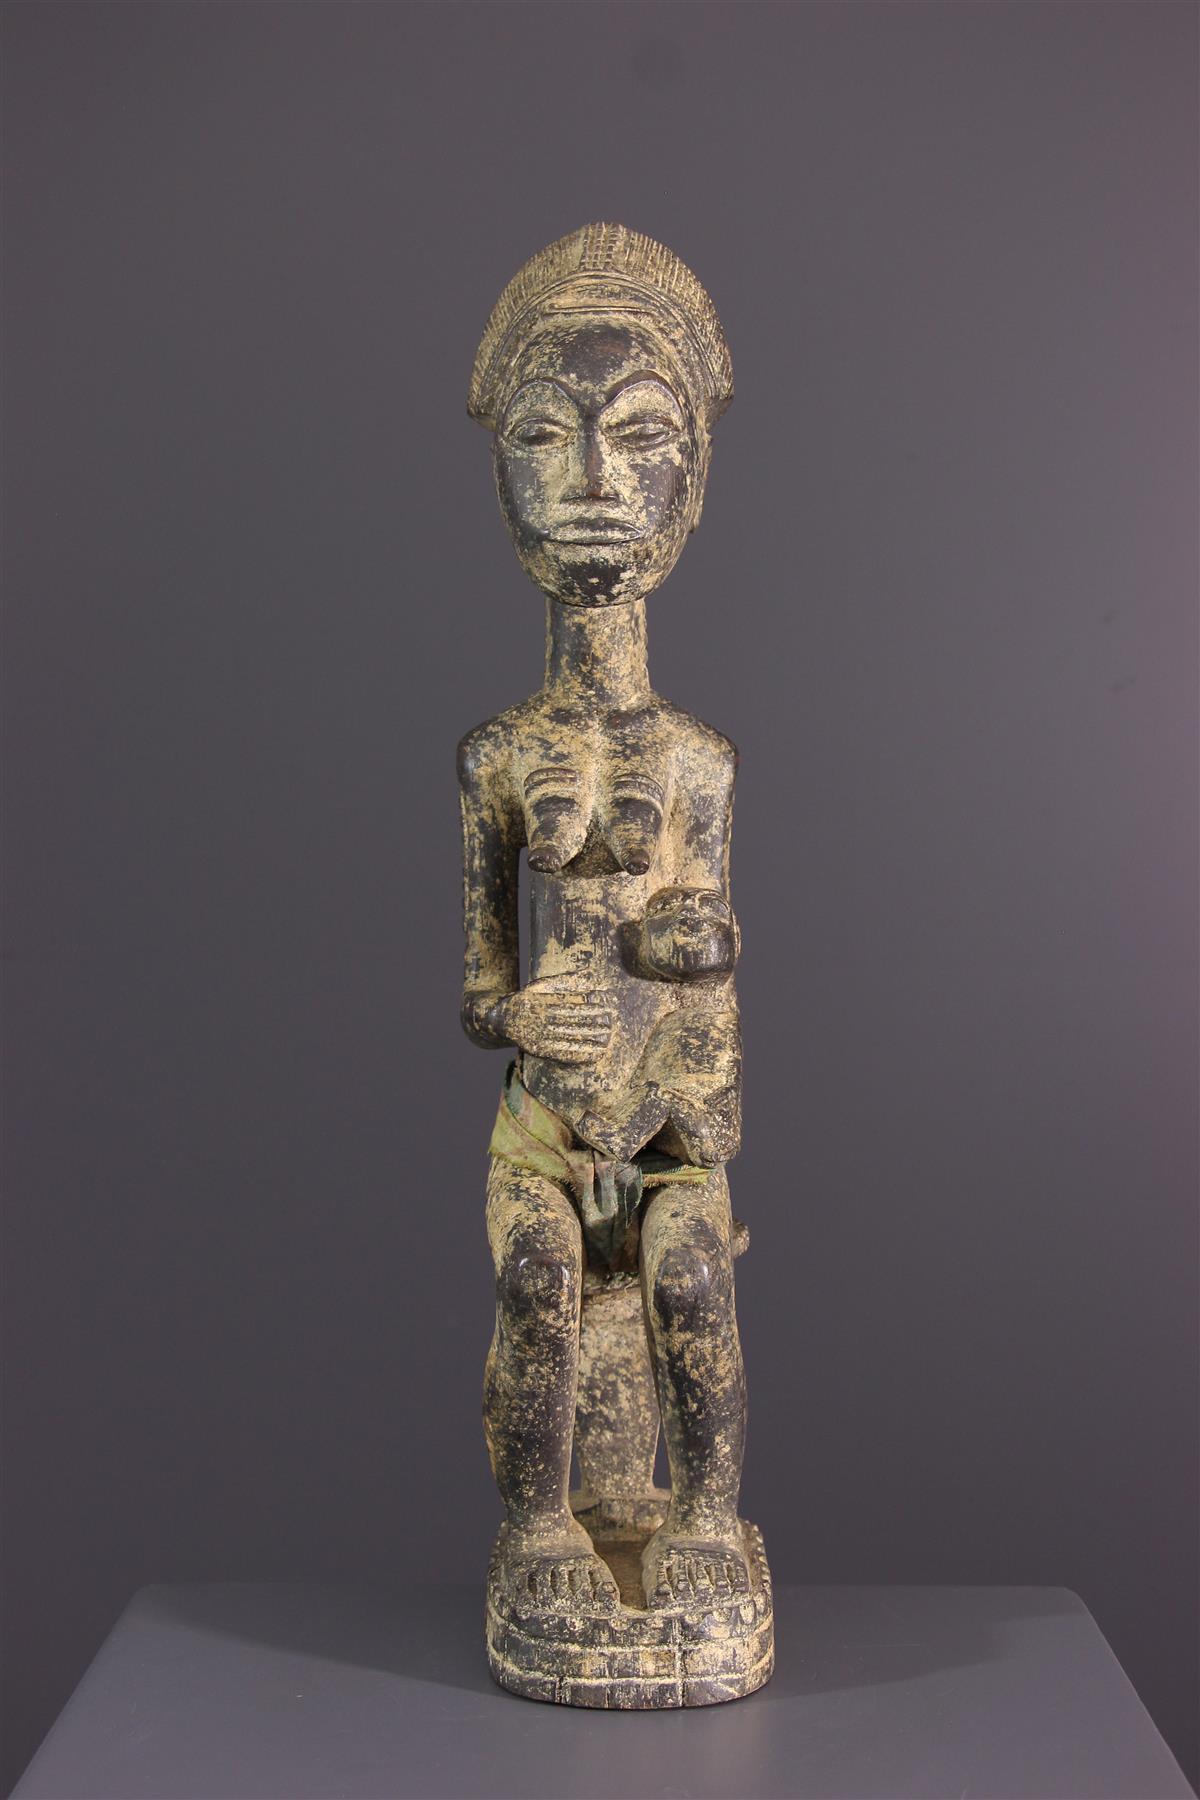 Statue Baoulé - African art